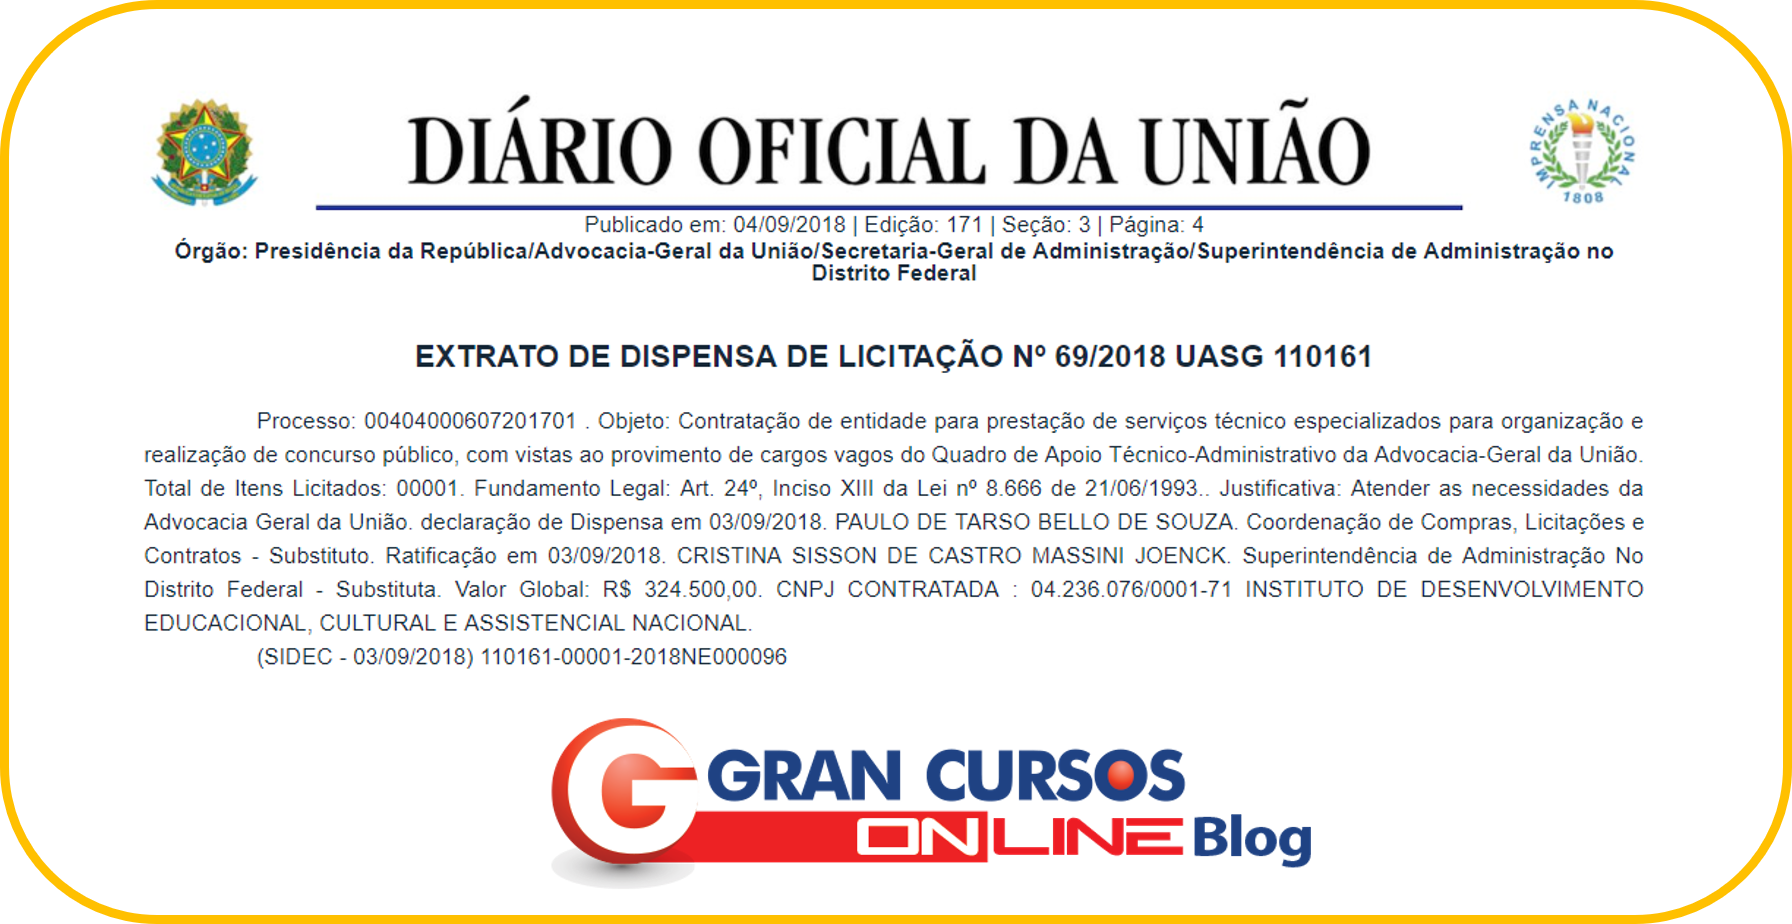 Concurso AGU Extrato de Dispensa de Licitação publicado no DOU.